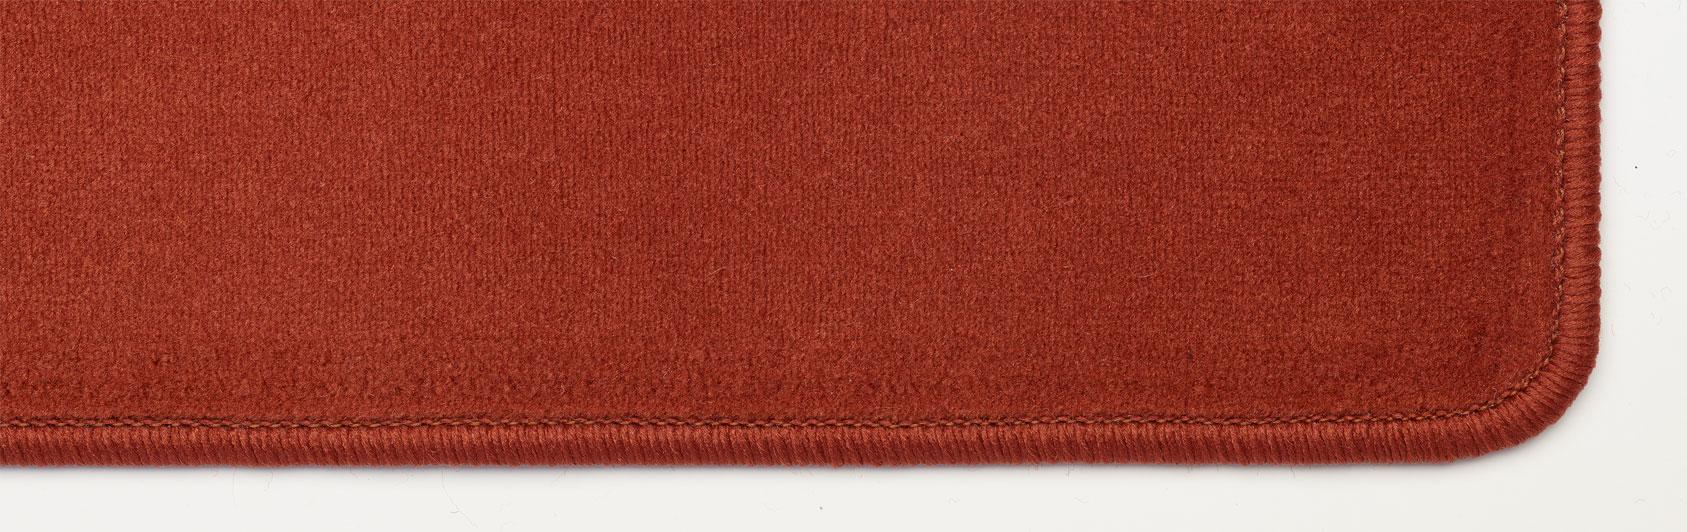 tapis d'église Velours code couleur 131 couleur acajou